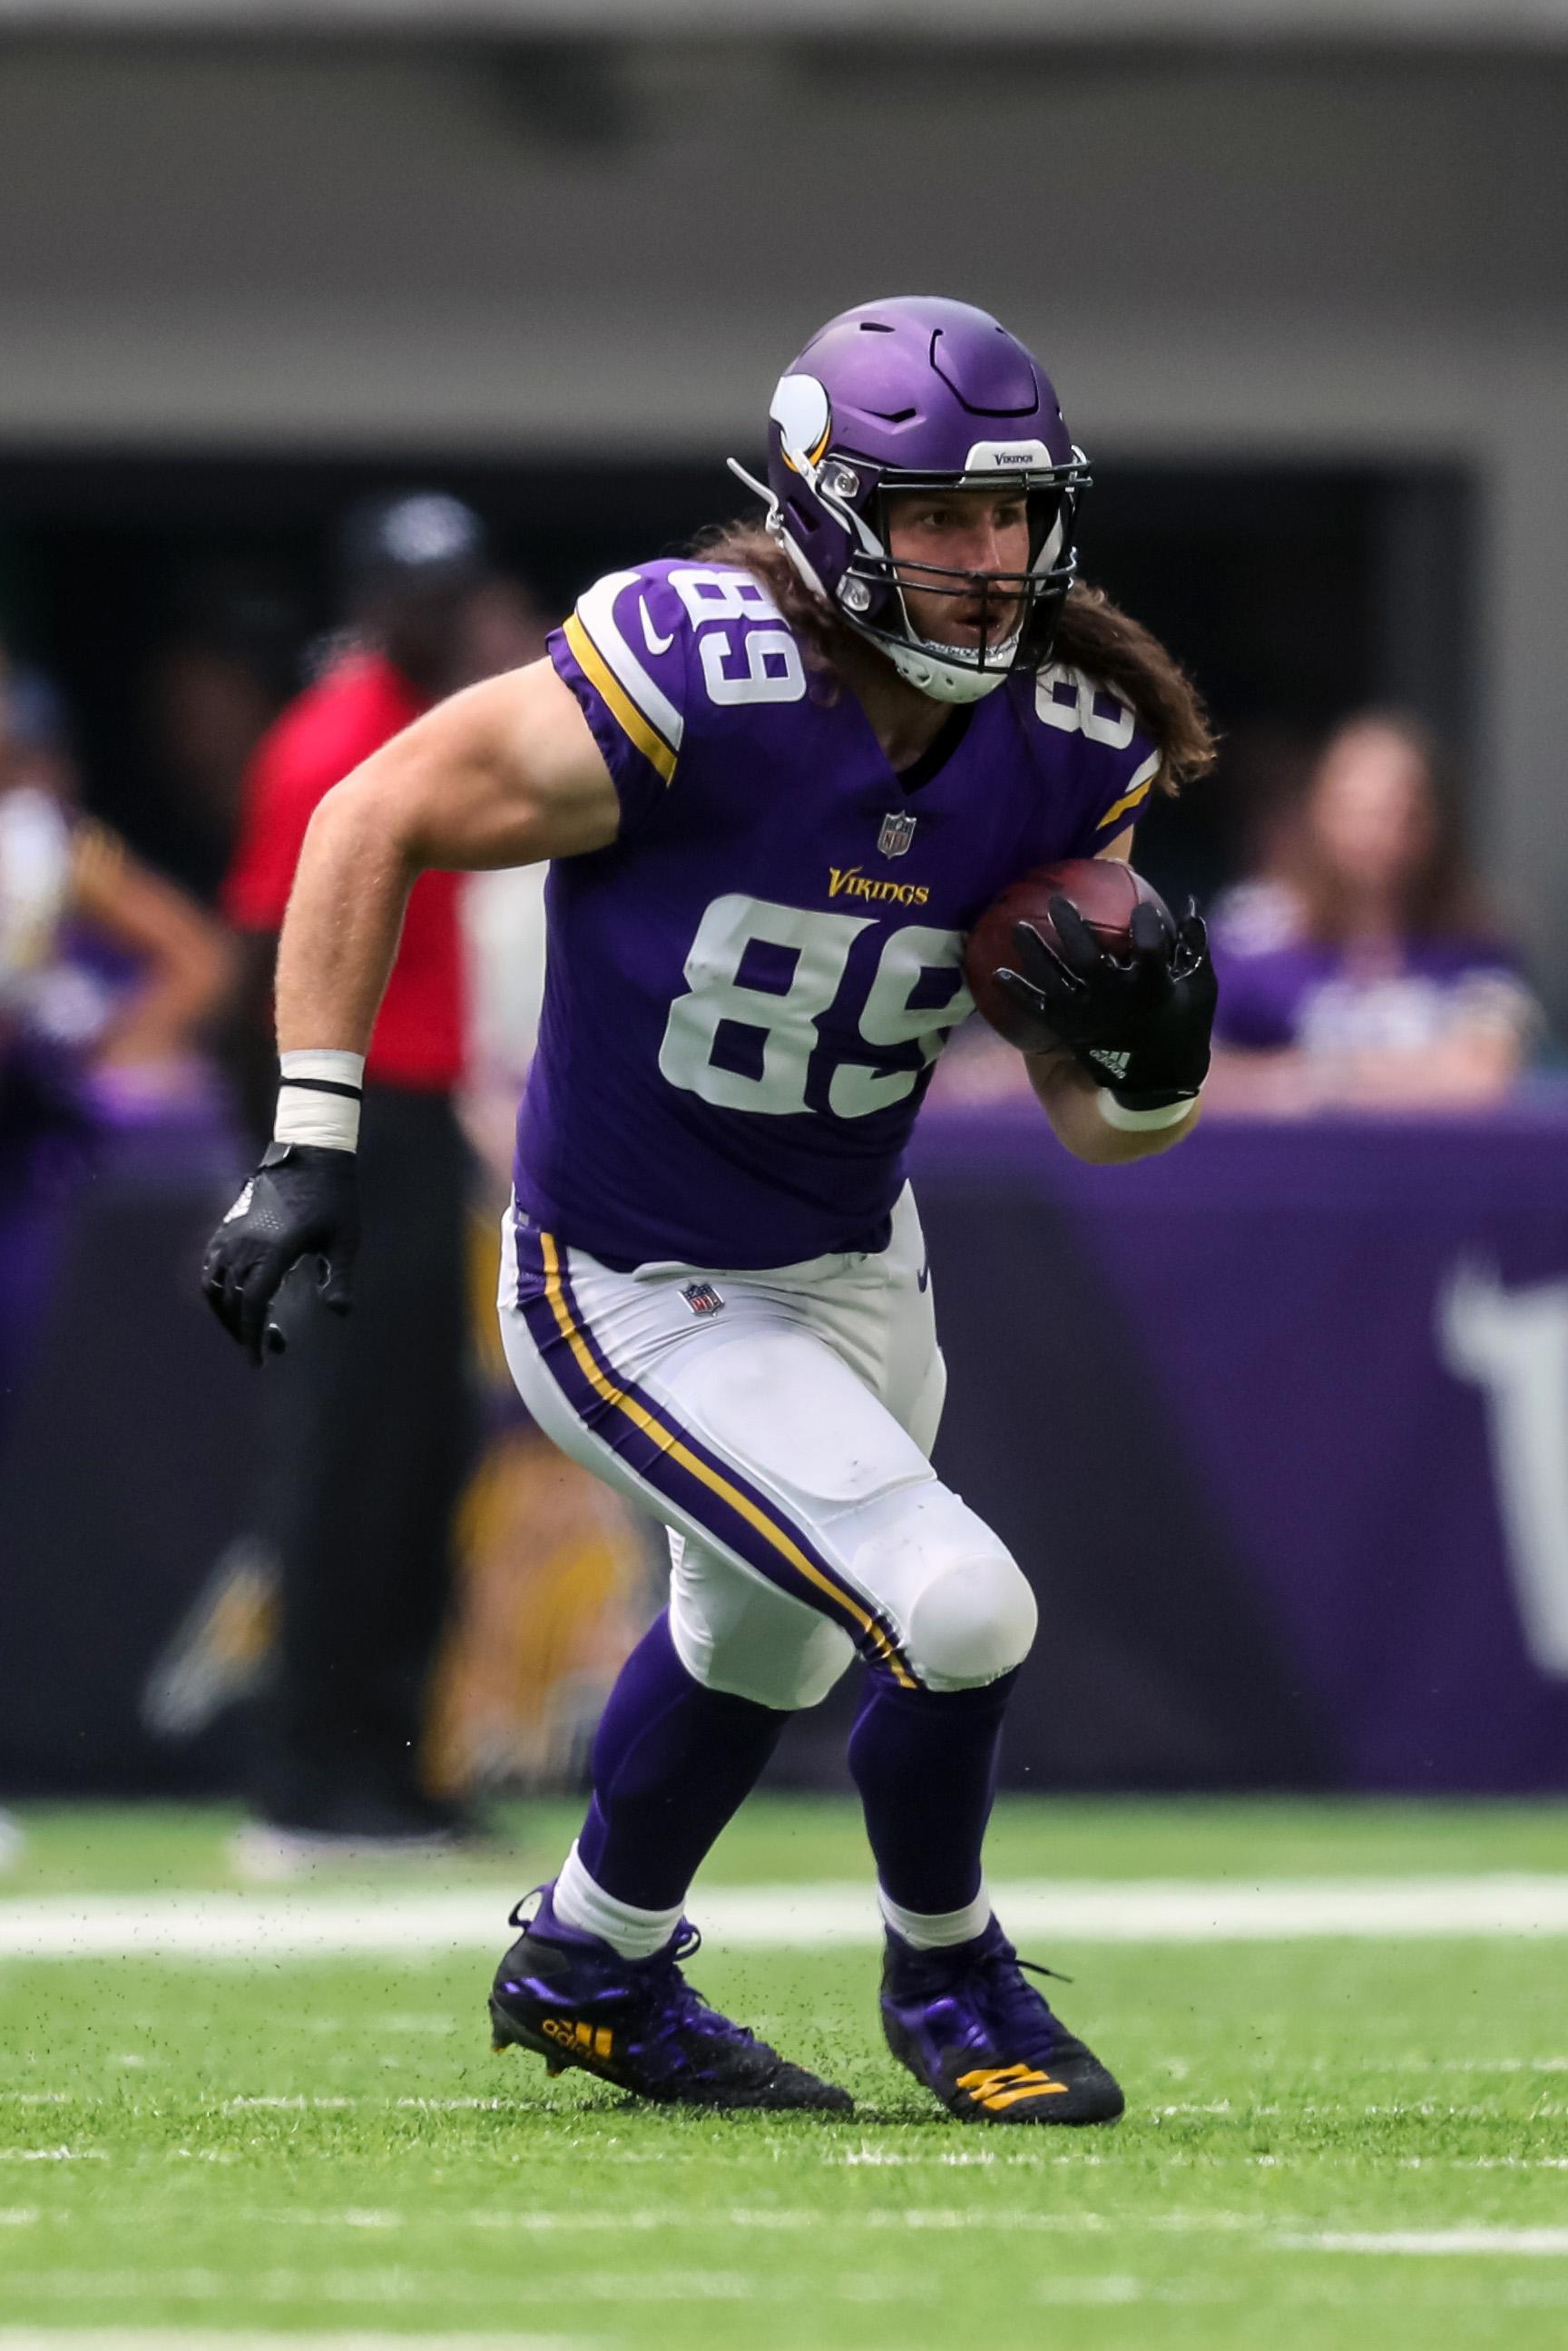 NFL: Jacksonville Jaguars at Minnesota Vikings